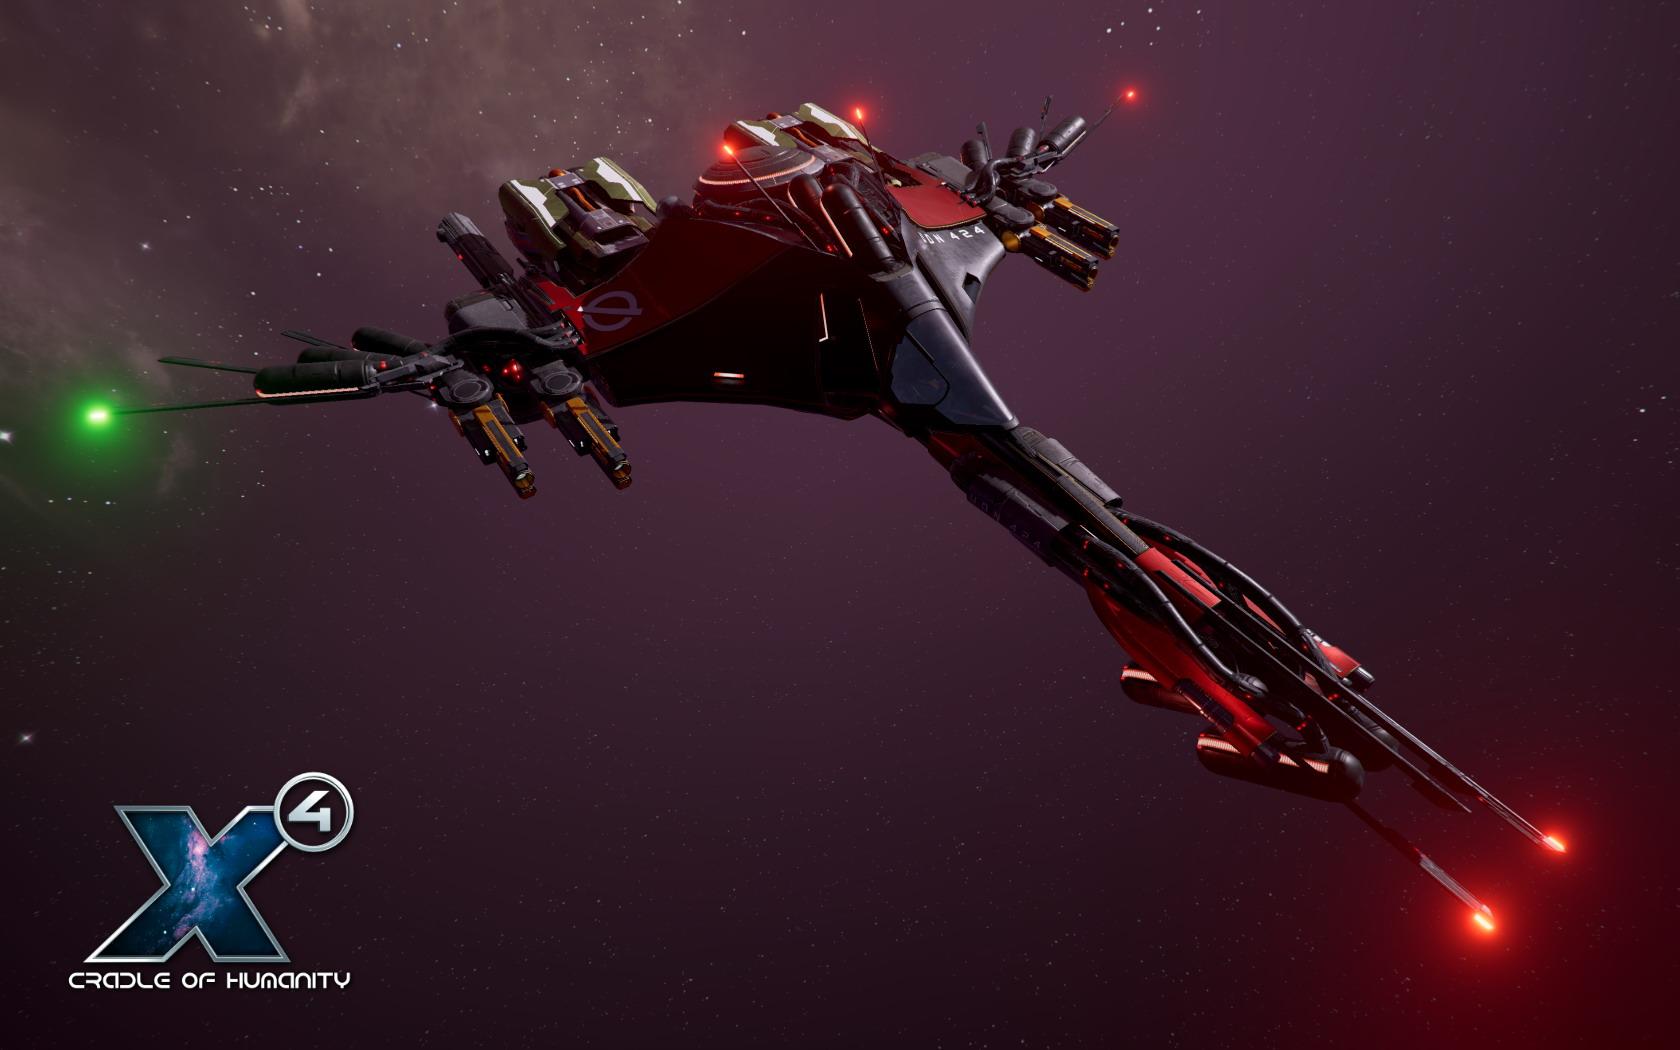 太空模拟类游戏辅助《X4:基石》新DLC延期至2021年